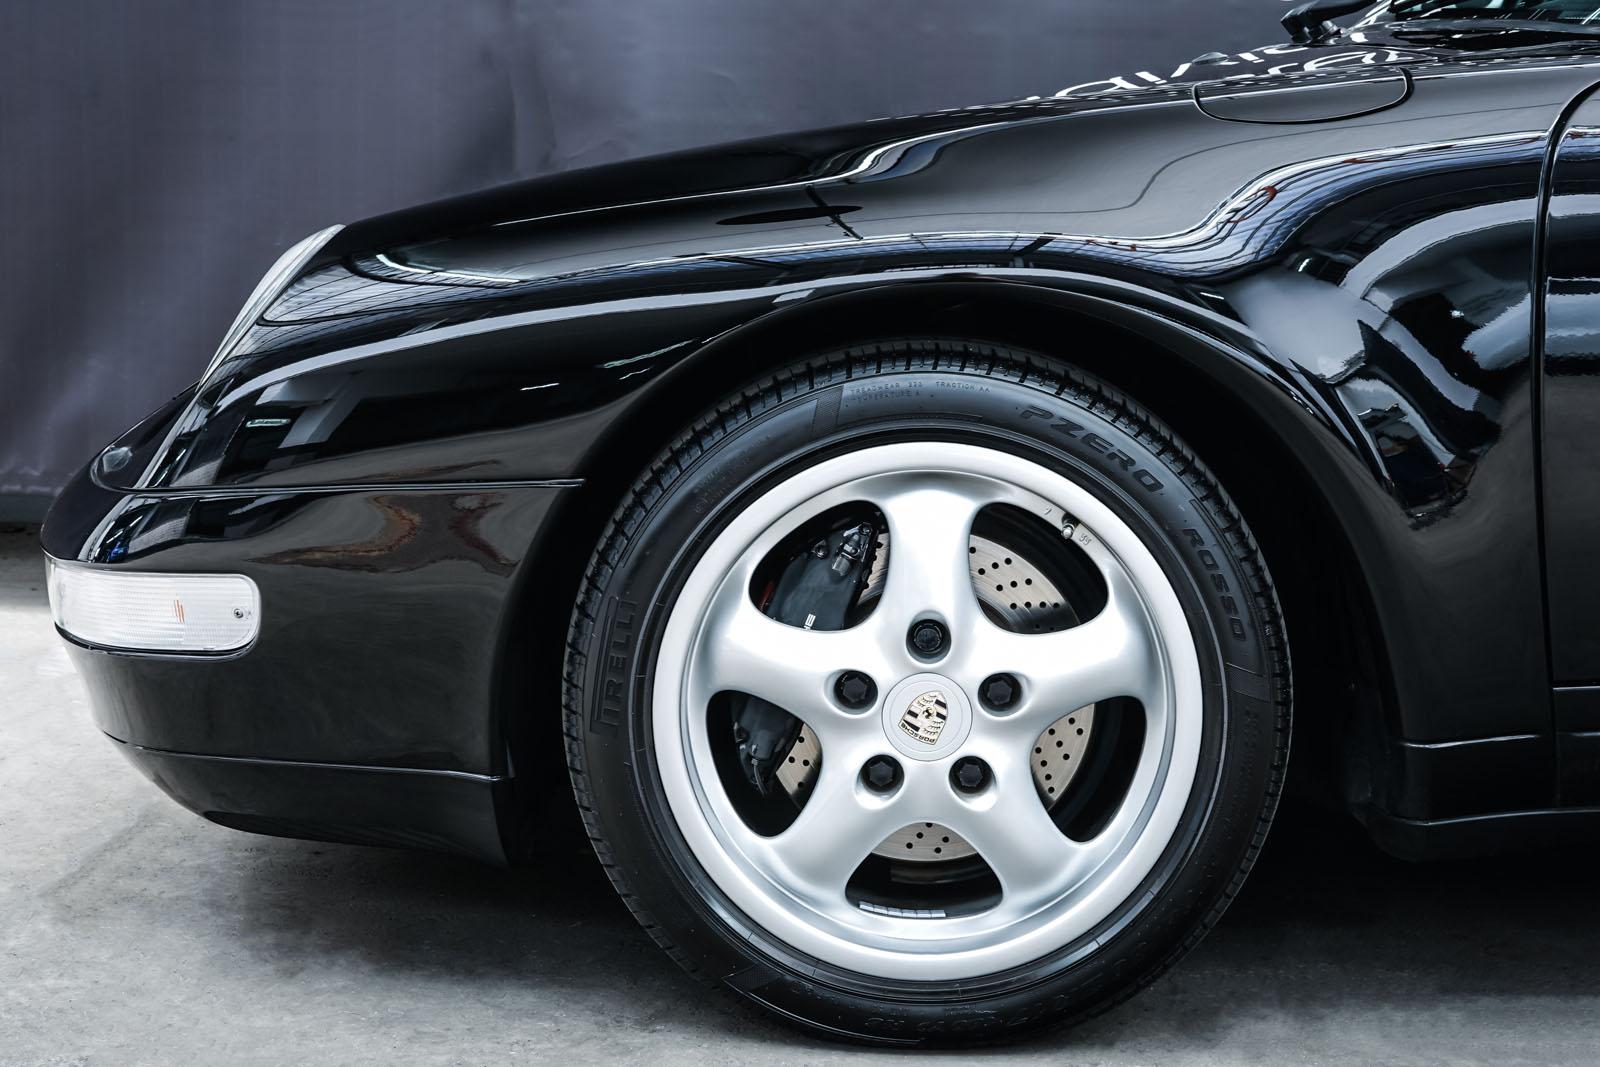 Porsche_993_C2_Cabrio_Schwarz_Beige_POR-0137_3_w